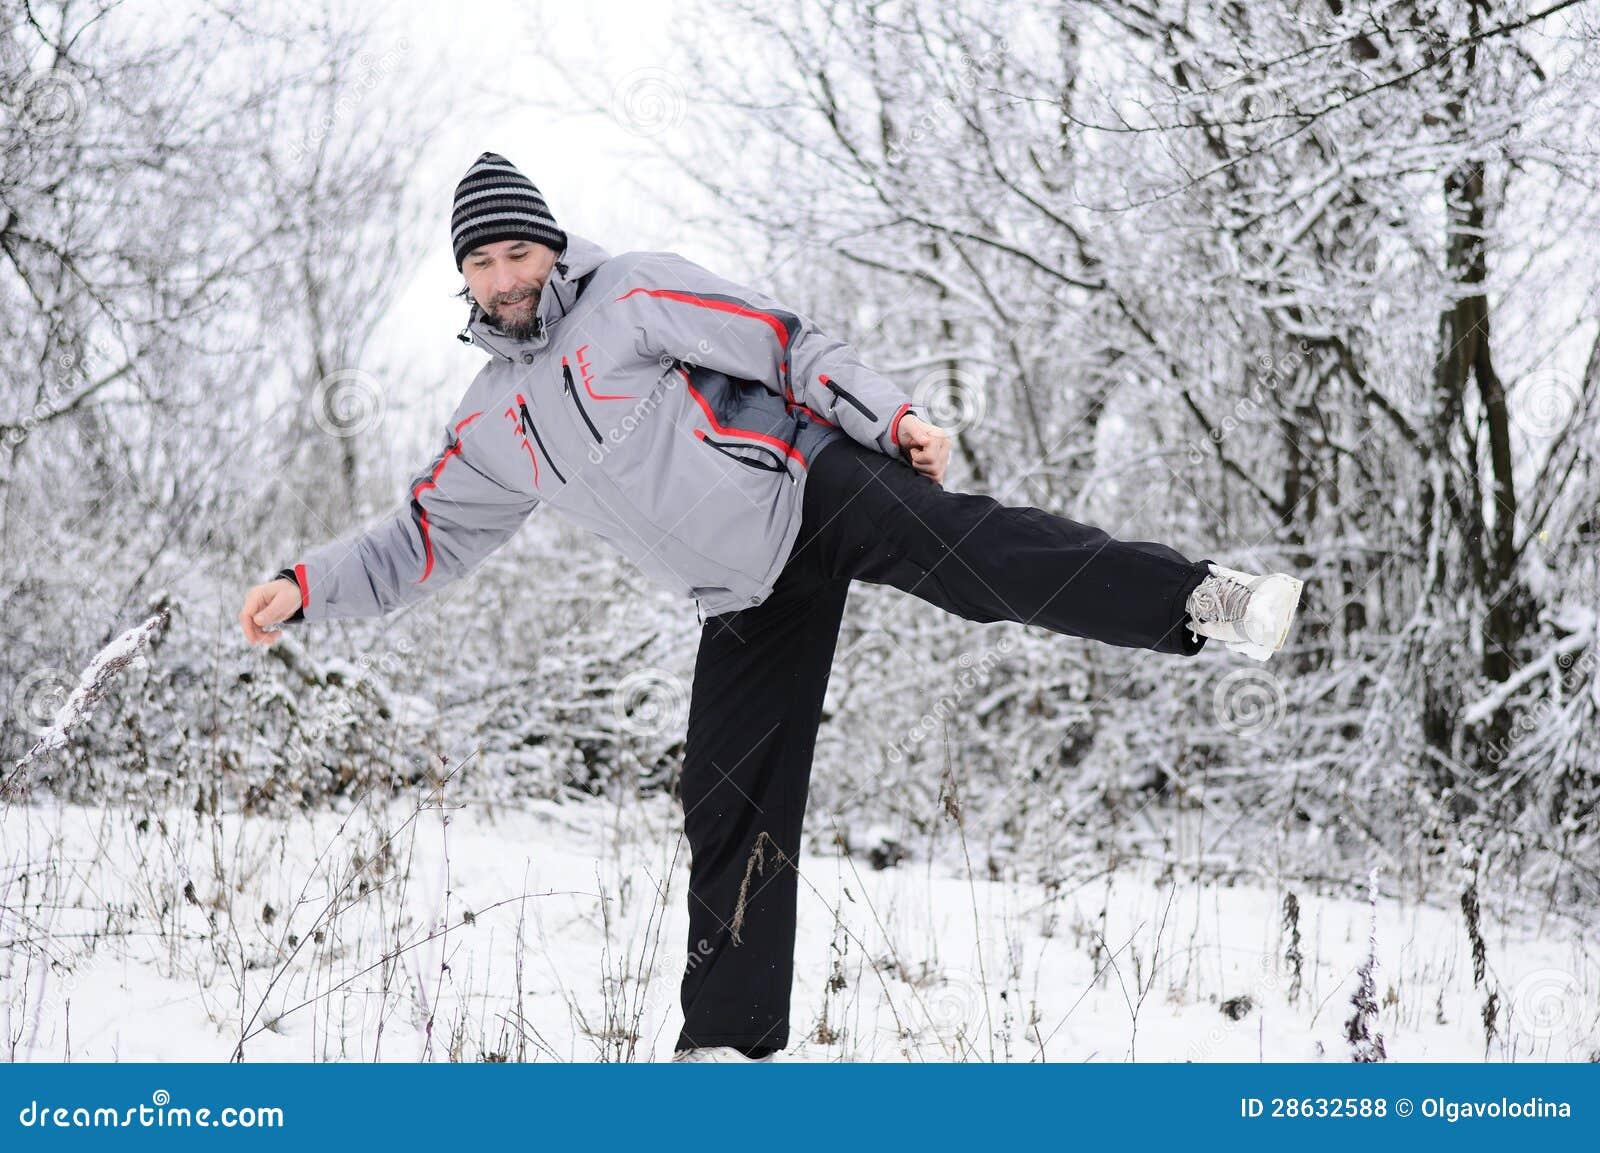 Gartenmobel Bank Metall : Mann Strebt Sport Im Winter Draußen An Lizenzfreie Stockfotos  Bild